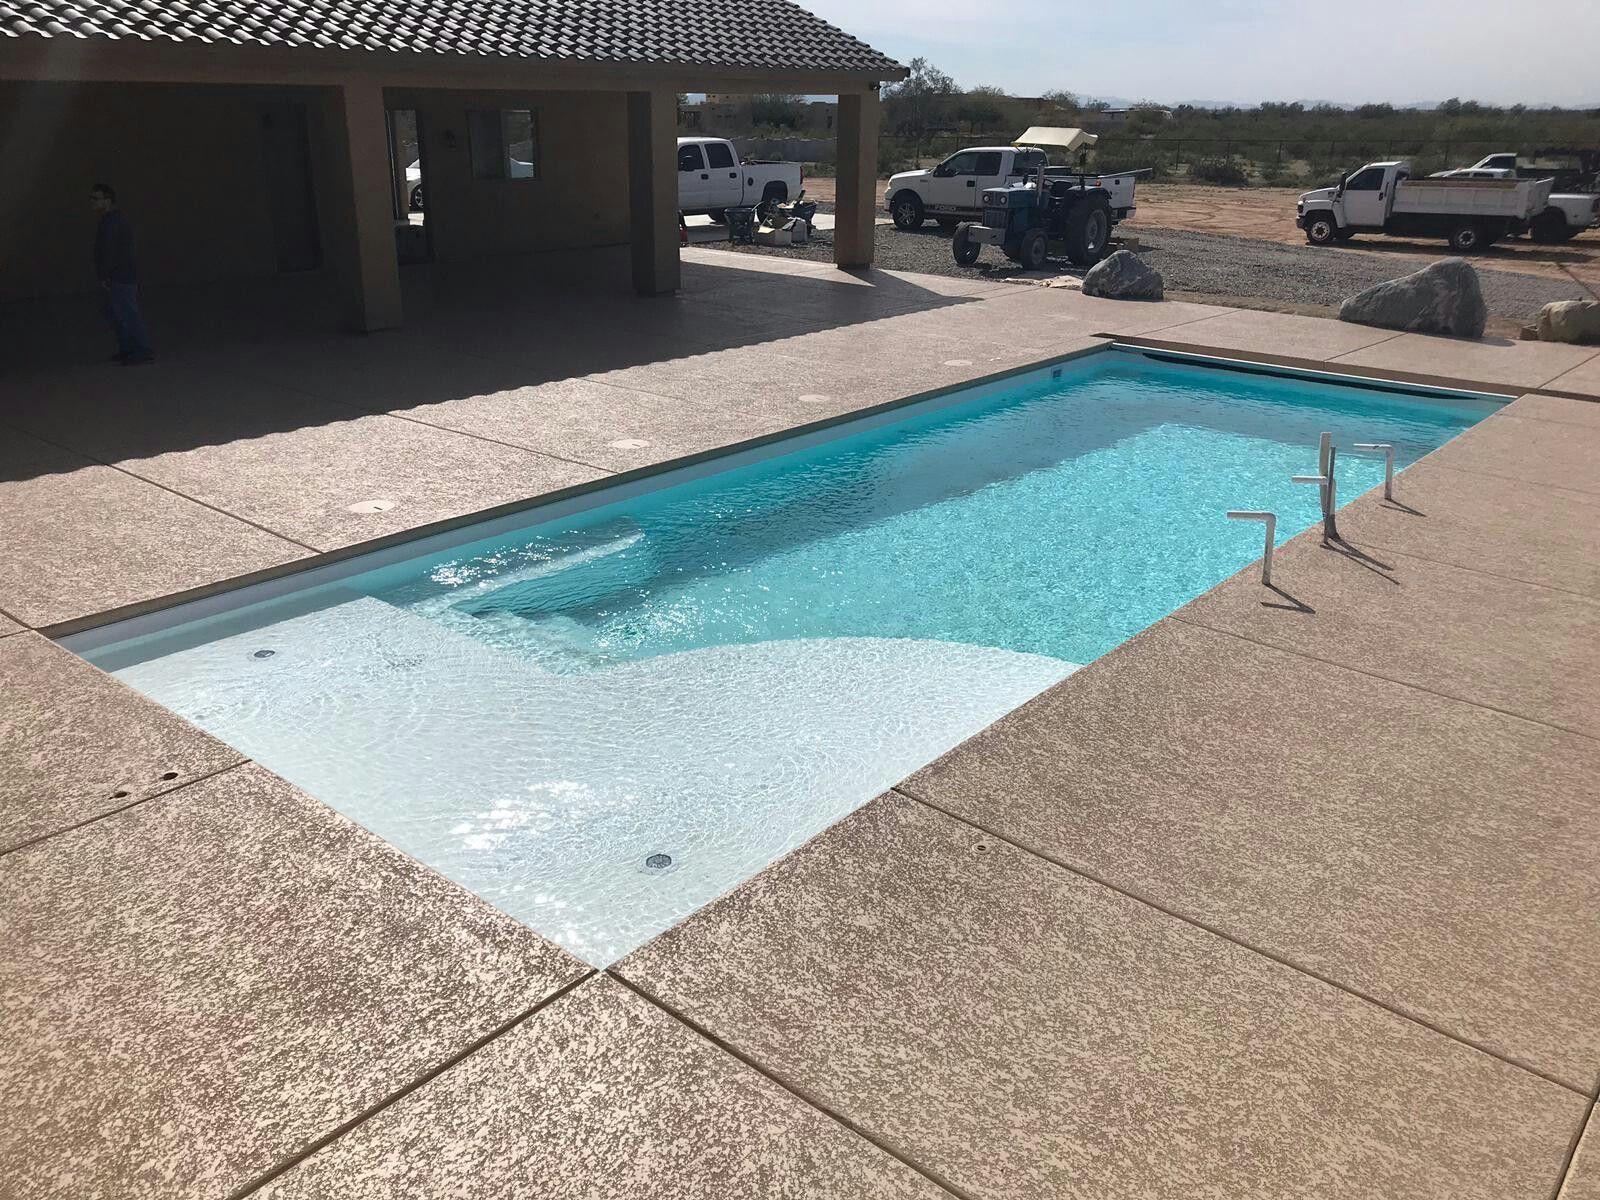 Fiberglass Pools Manufacturer San Juan Fiberglass Pool Spas Since 1958 In 2021 Fiberglass Pool Manufacturers Fiberglass Pools Fiberglass Pool Cost